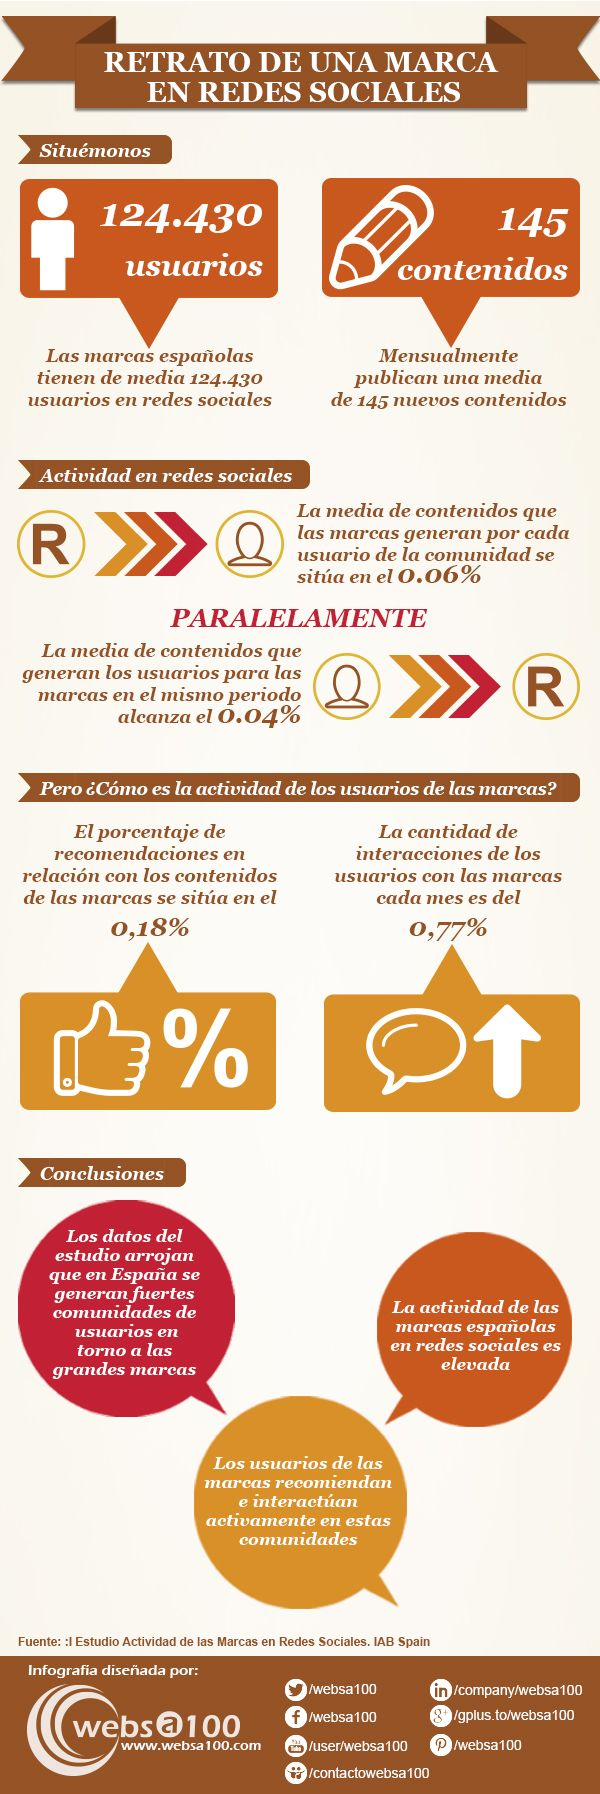 Retrato de una marca en Redes Sociales #infografia